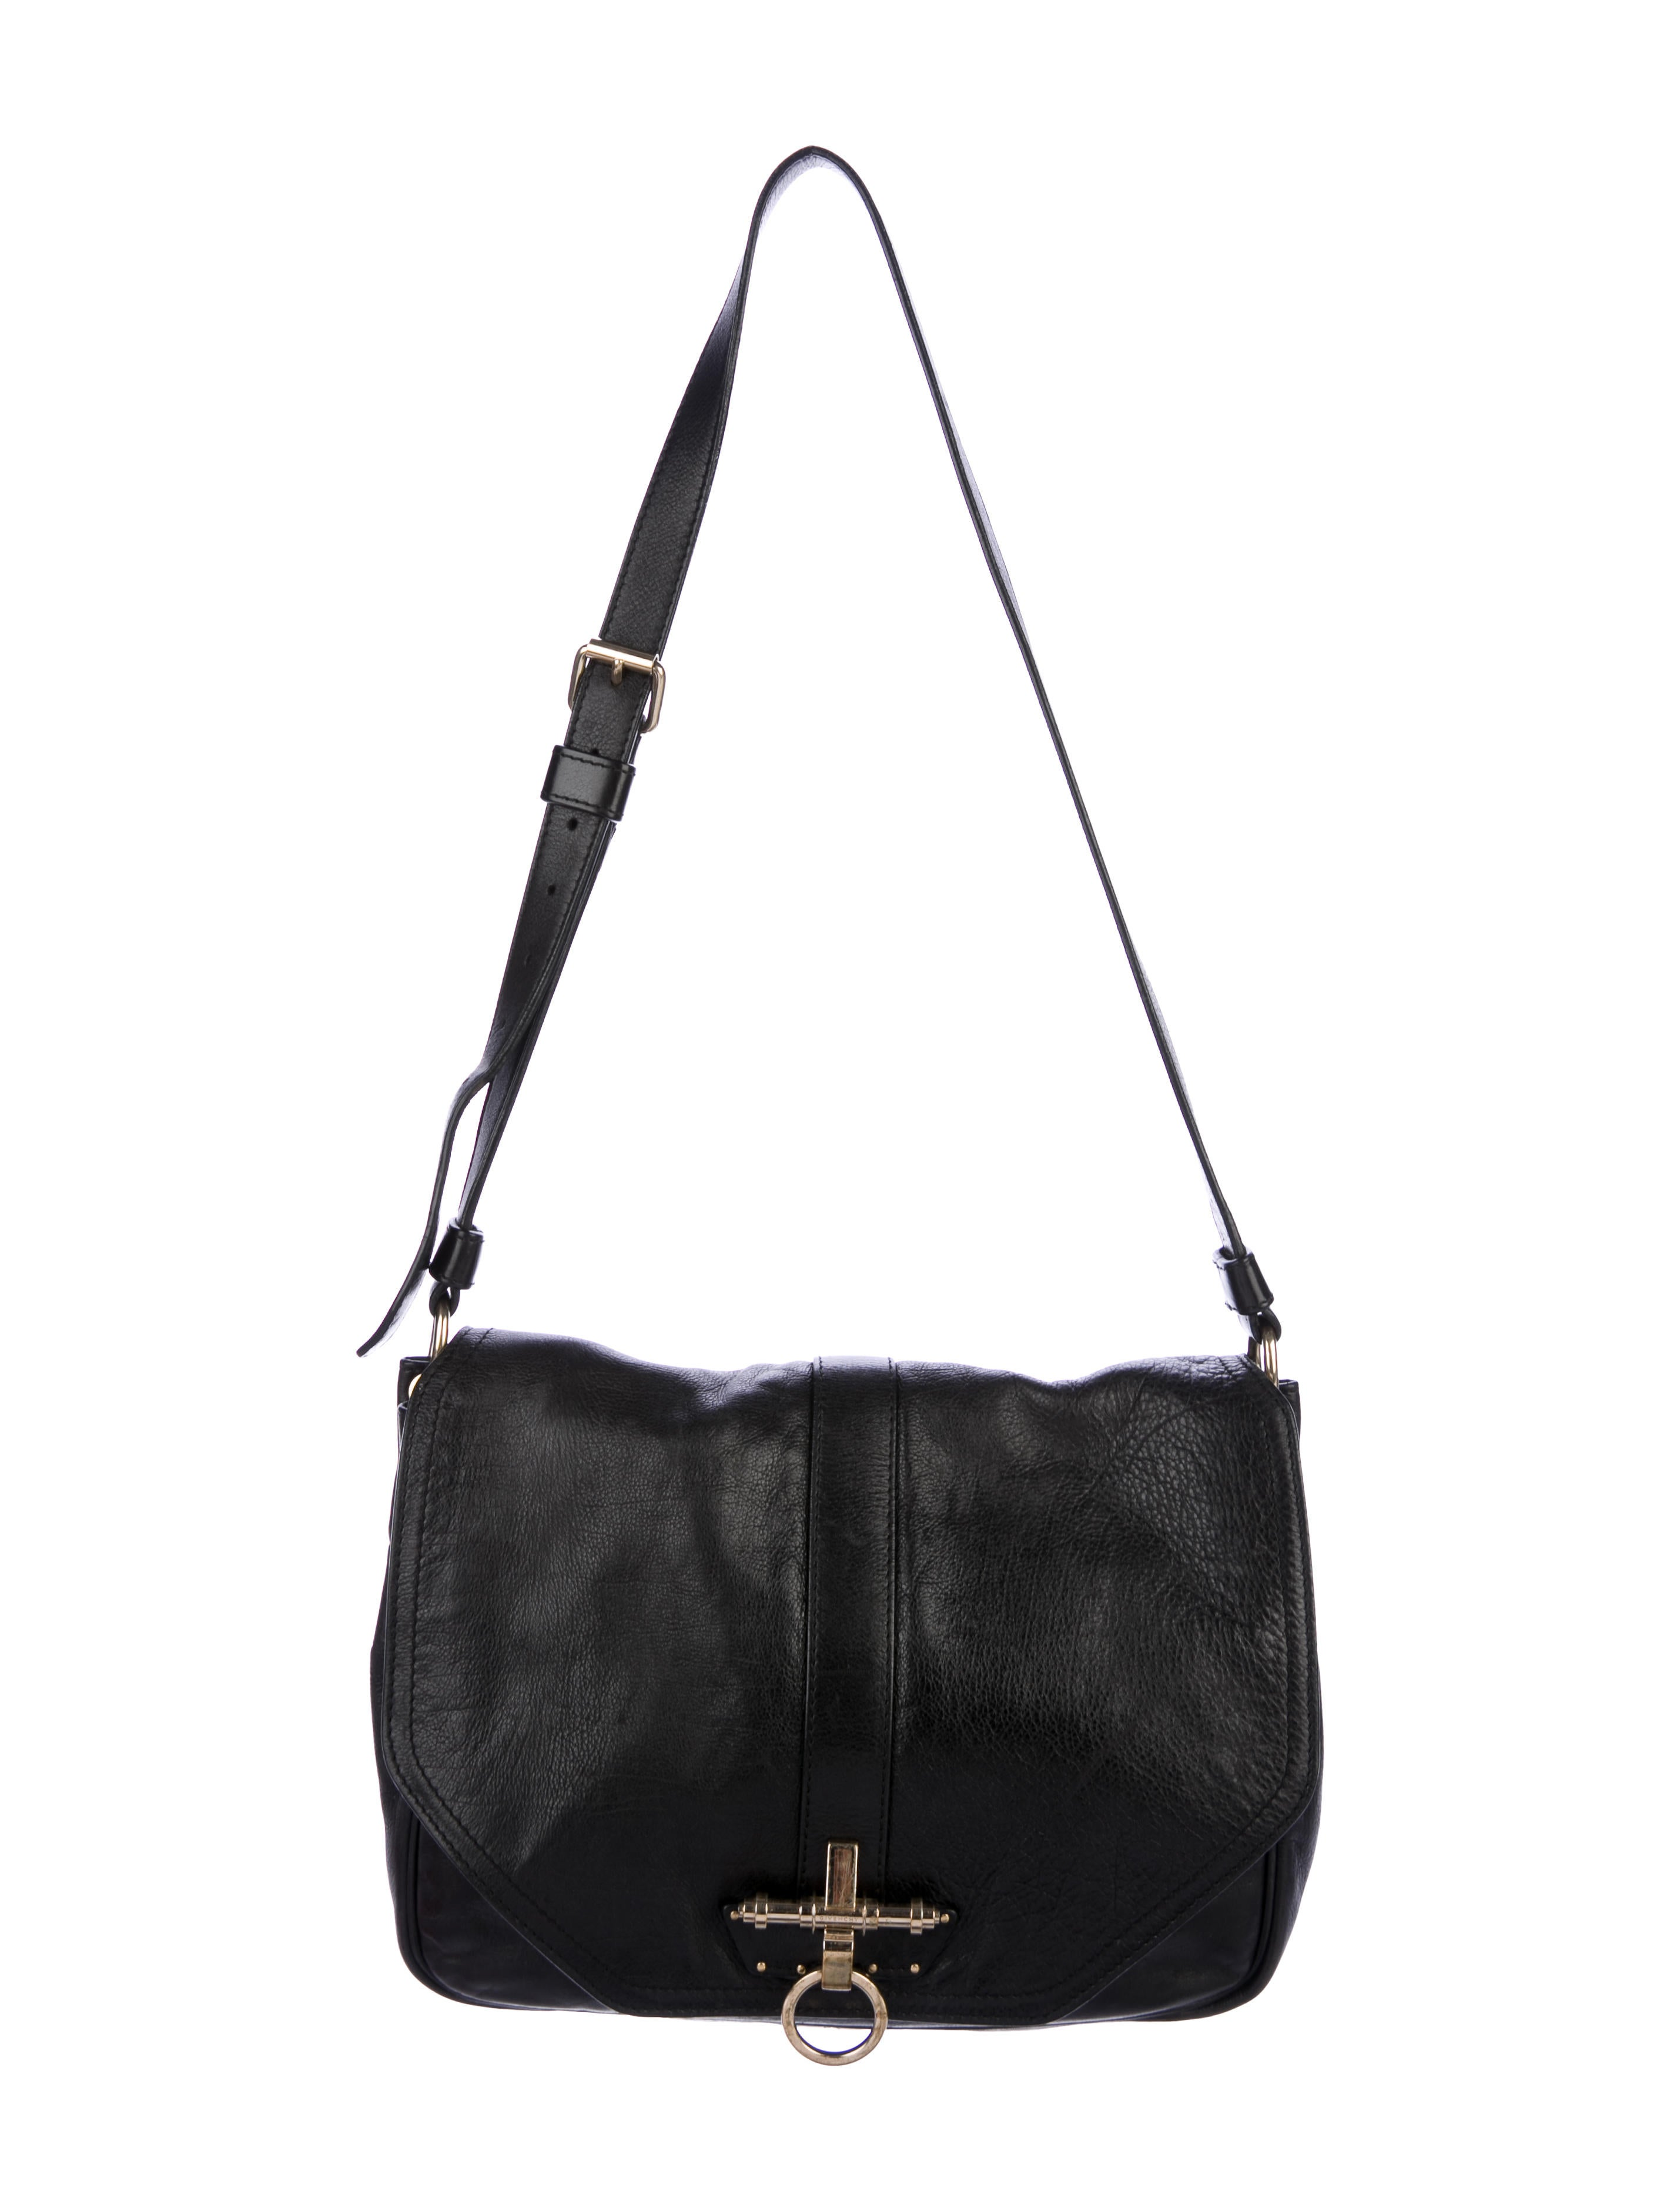 e14bb07e2c Givenchy Leather Obsedia Messenger Bag - Handbags - GIV52880